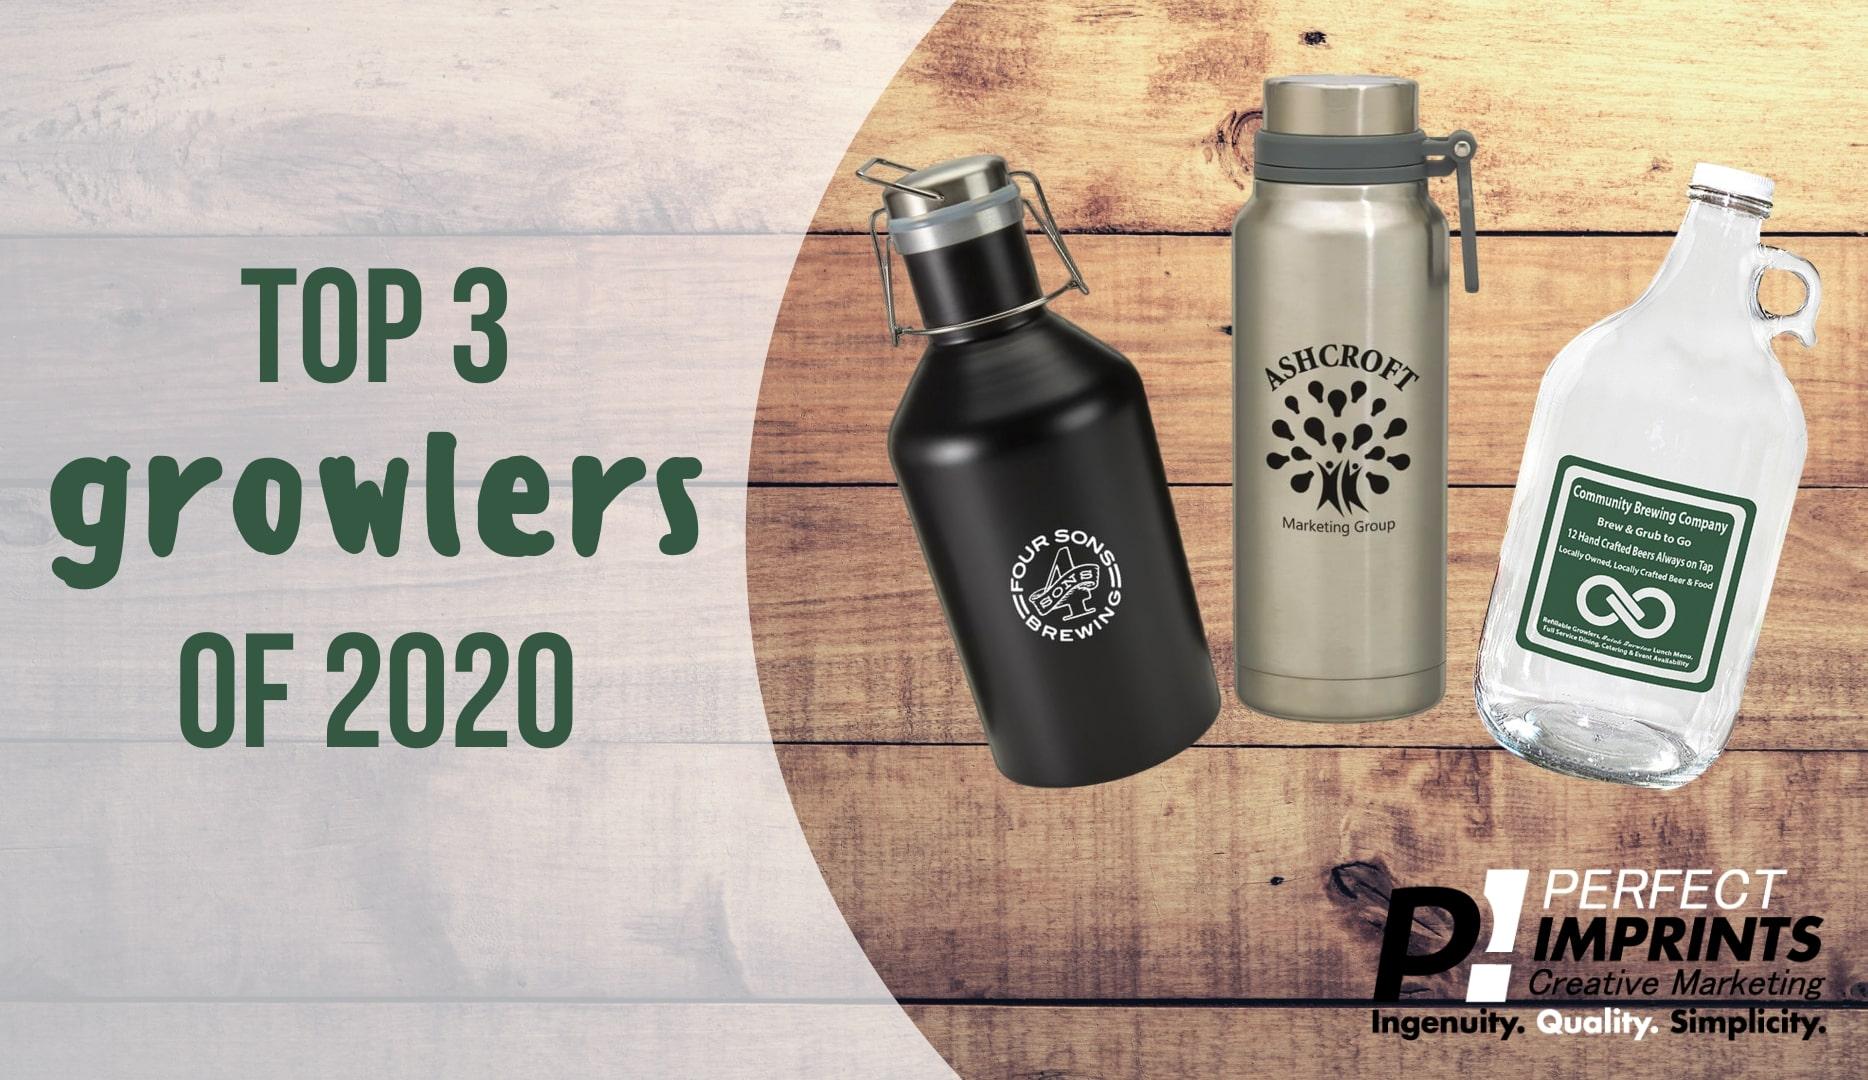 Top 3 Branded Growlers of 2020